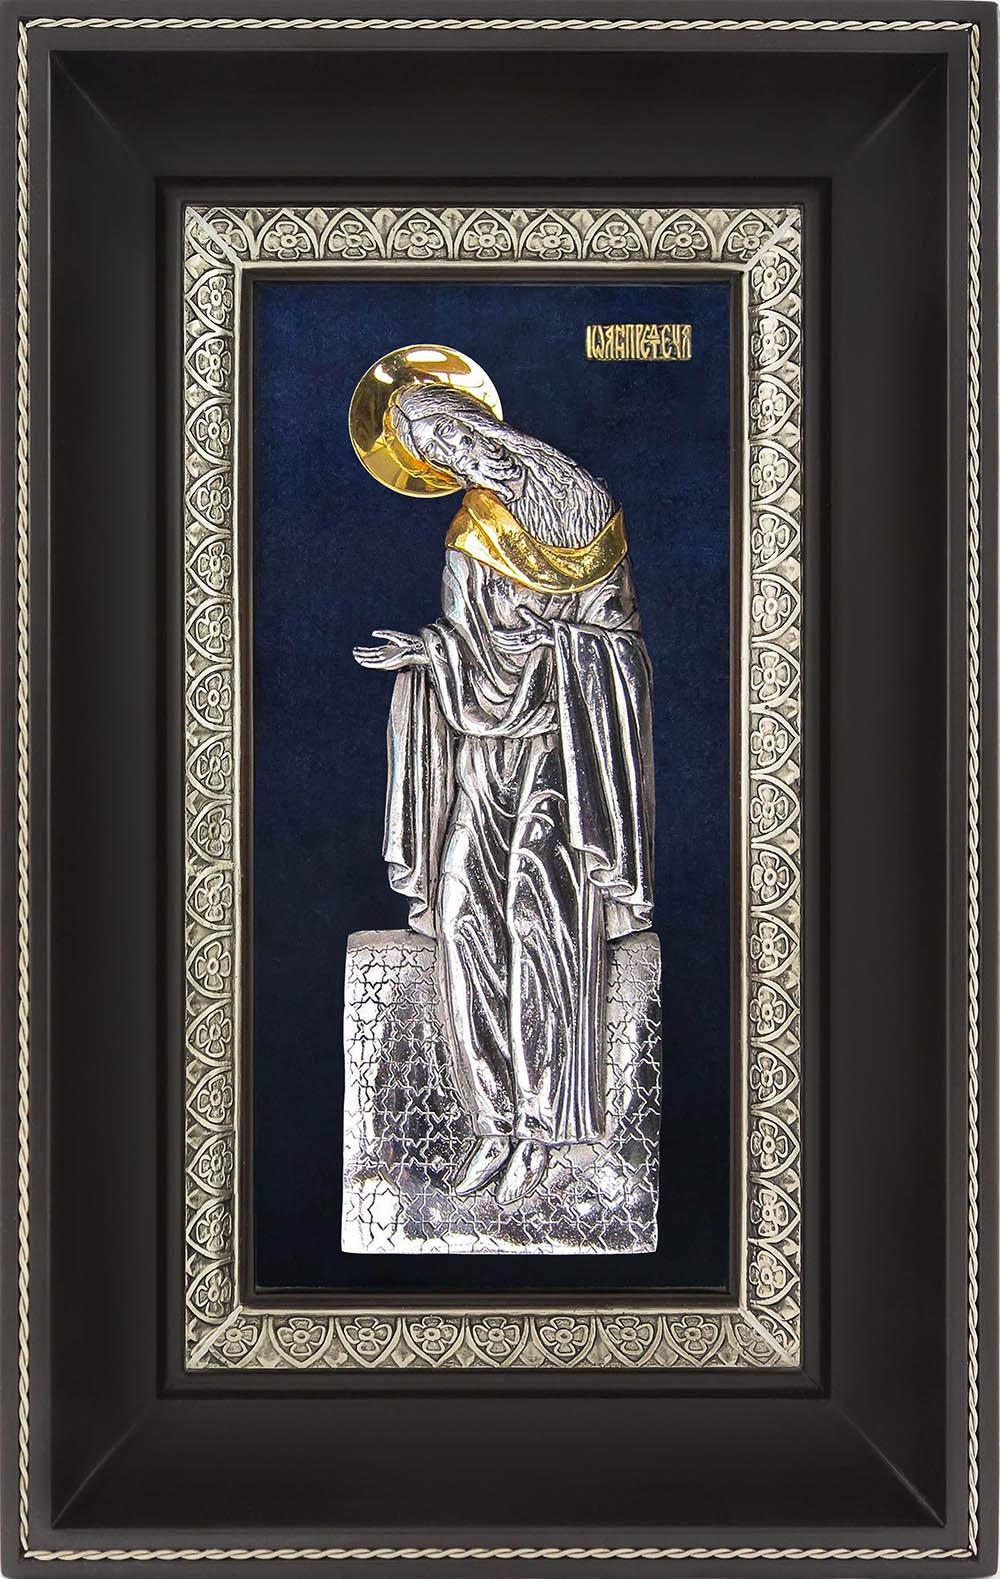 фото икона святого Иоанна Предтечи Крестителя гальванопластика золото серебро деревянная рама